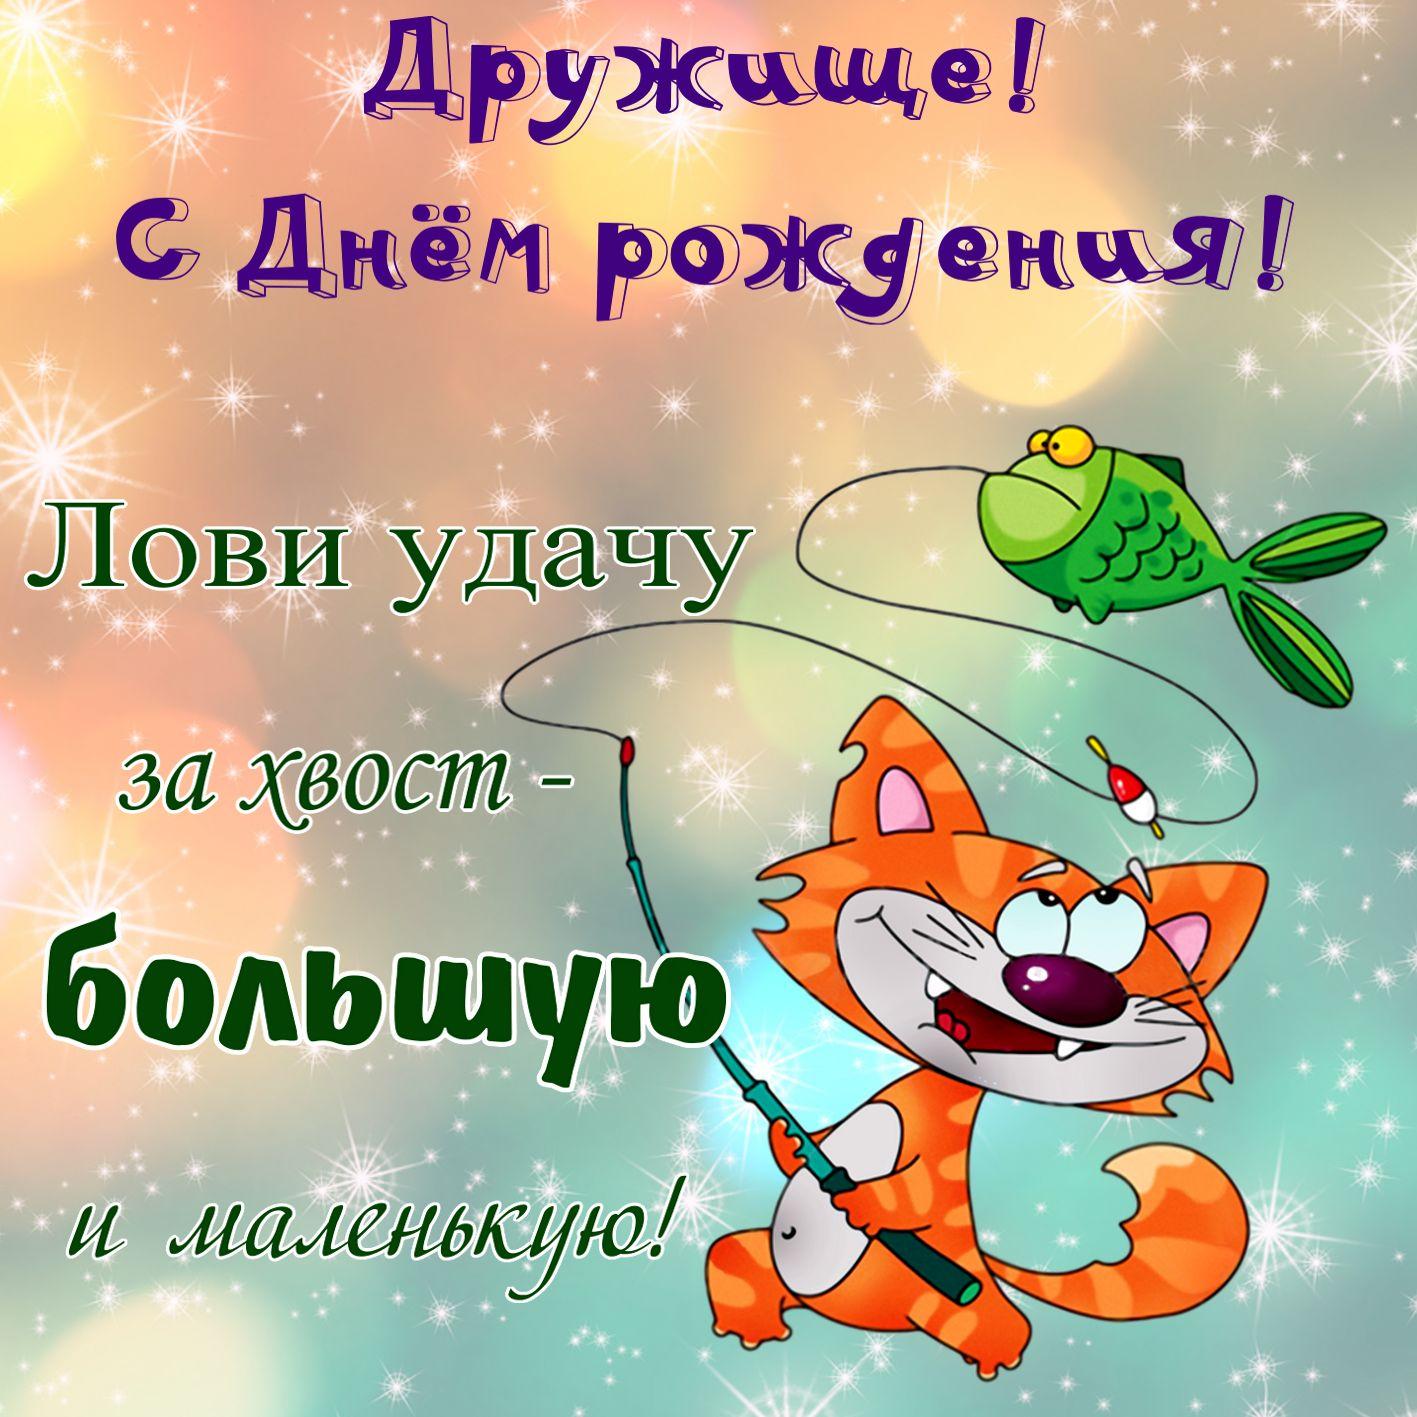 Пожелание удачи другу на День рождения